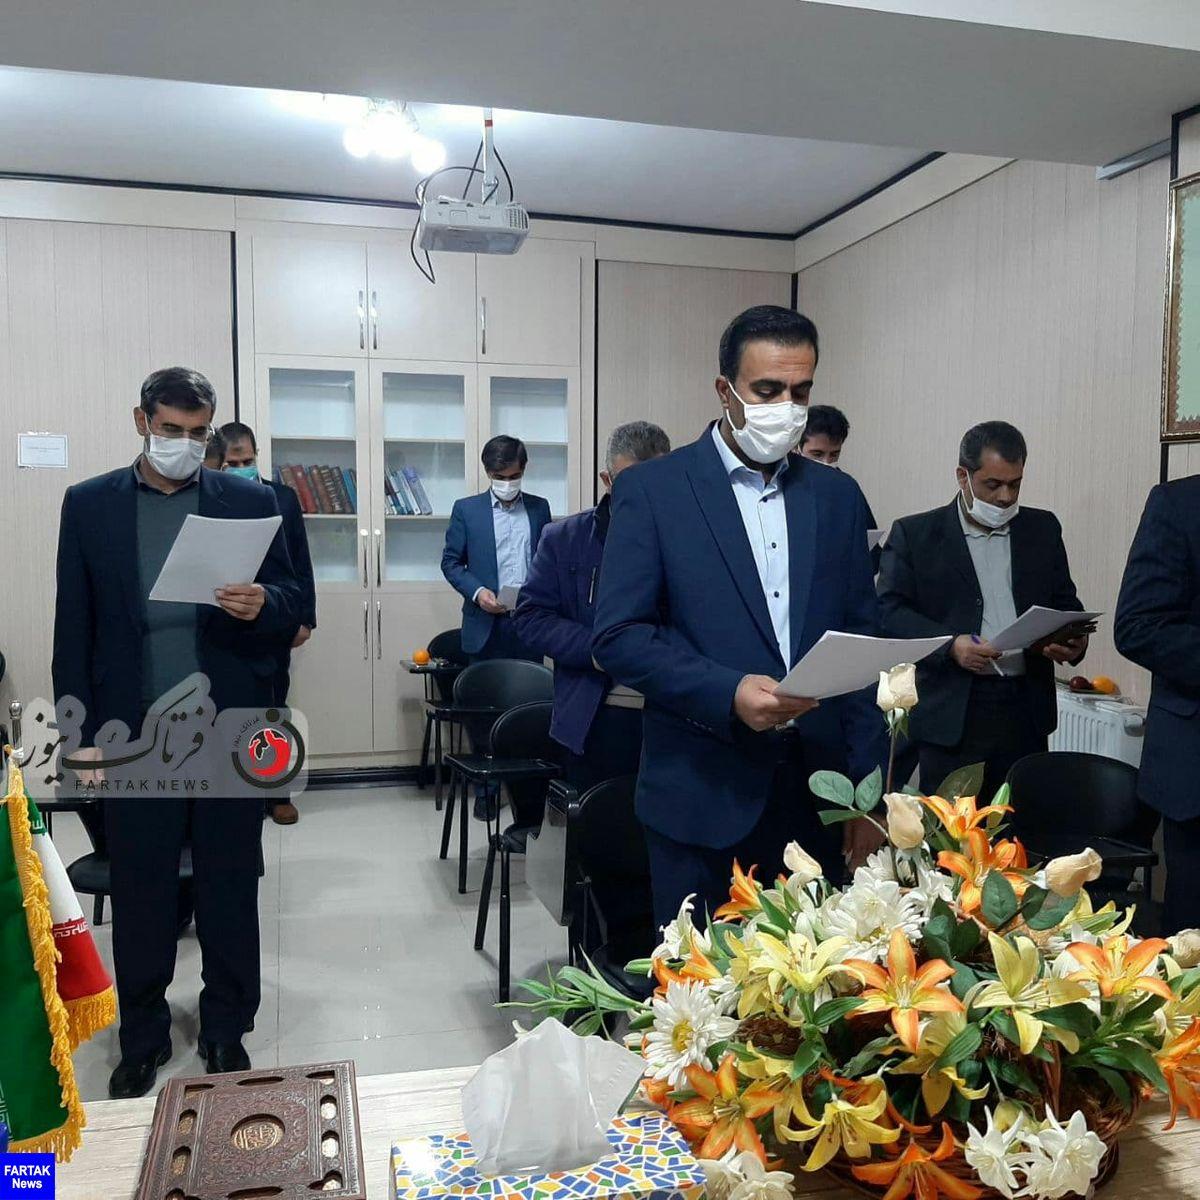 گزارش تصویری مراسم تحلیف کارشناسان رسمی دادگستری استان کرمانشاه